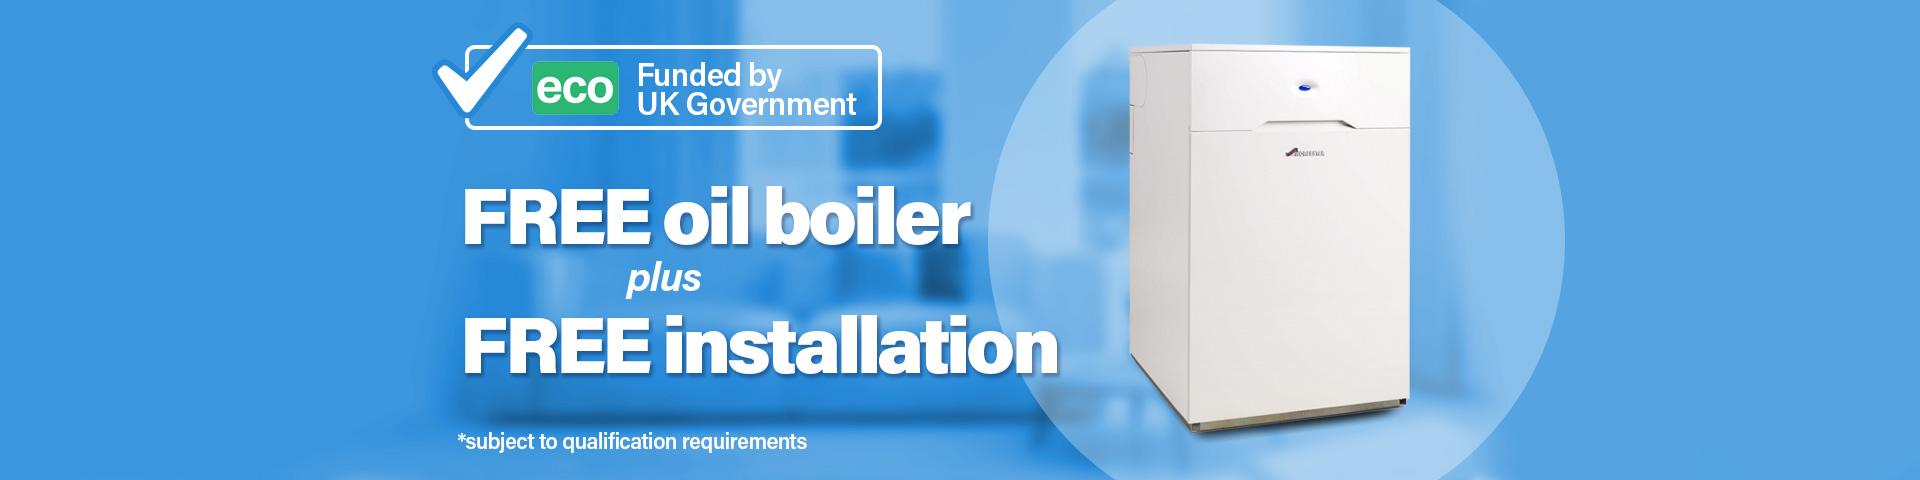 Apply For A Free Oil Boiler | Eco Boiler Grant